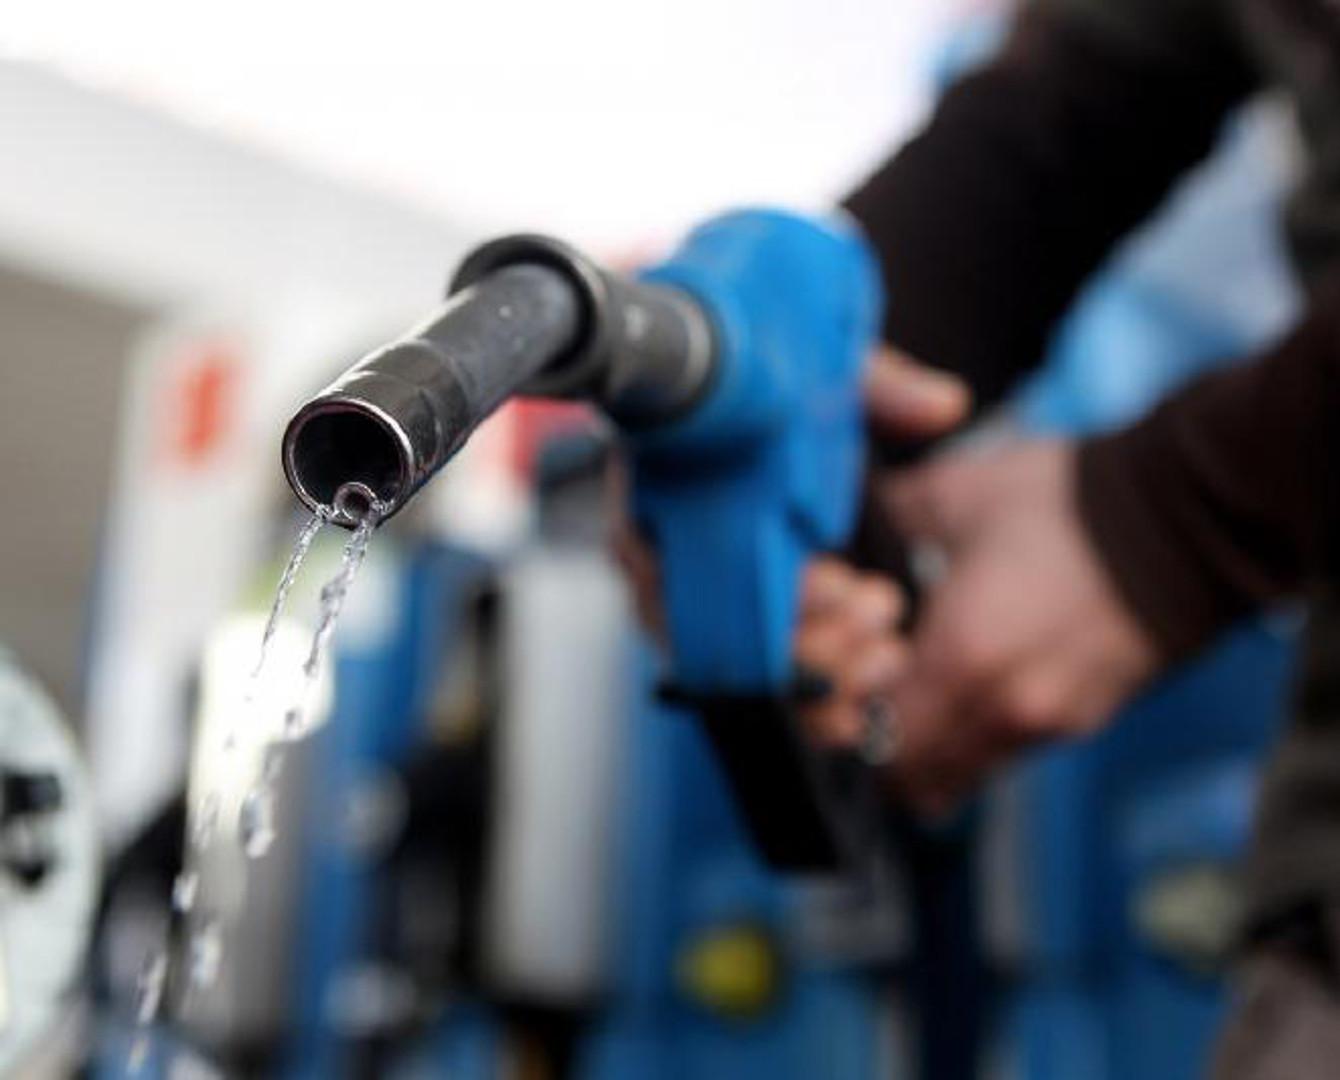 Казахстан перейдет на собственные бензин и дизтопливо с этого года - Ерболат Досаев